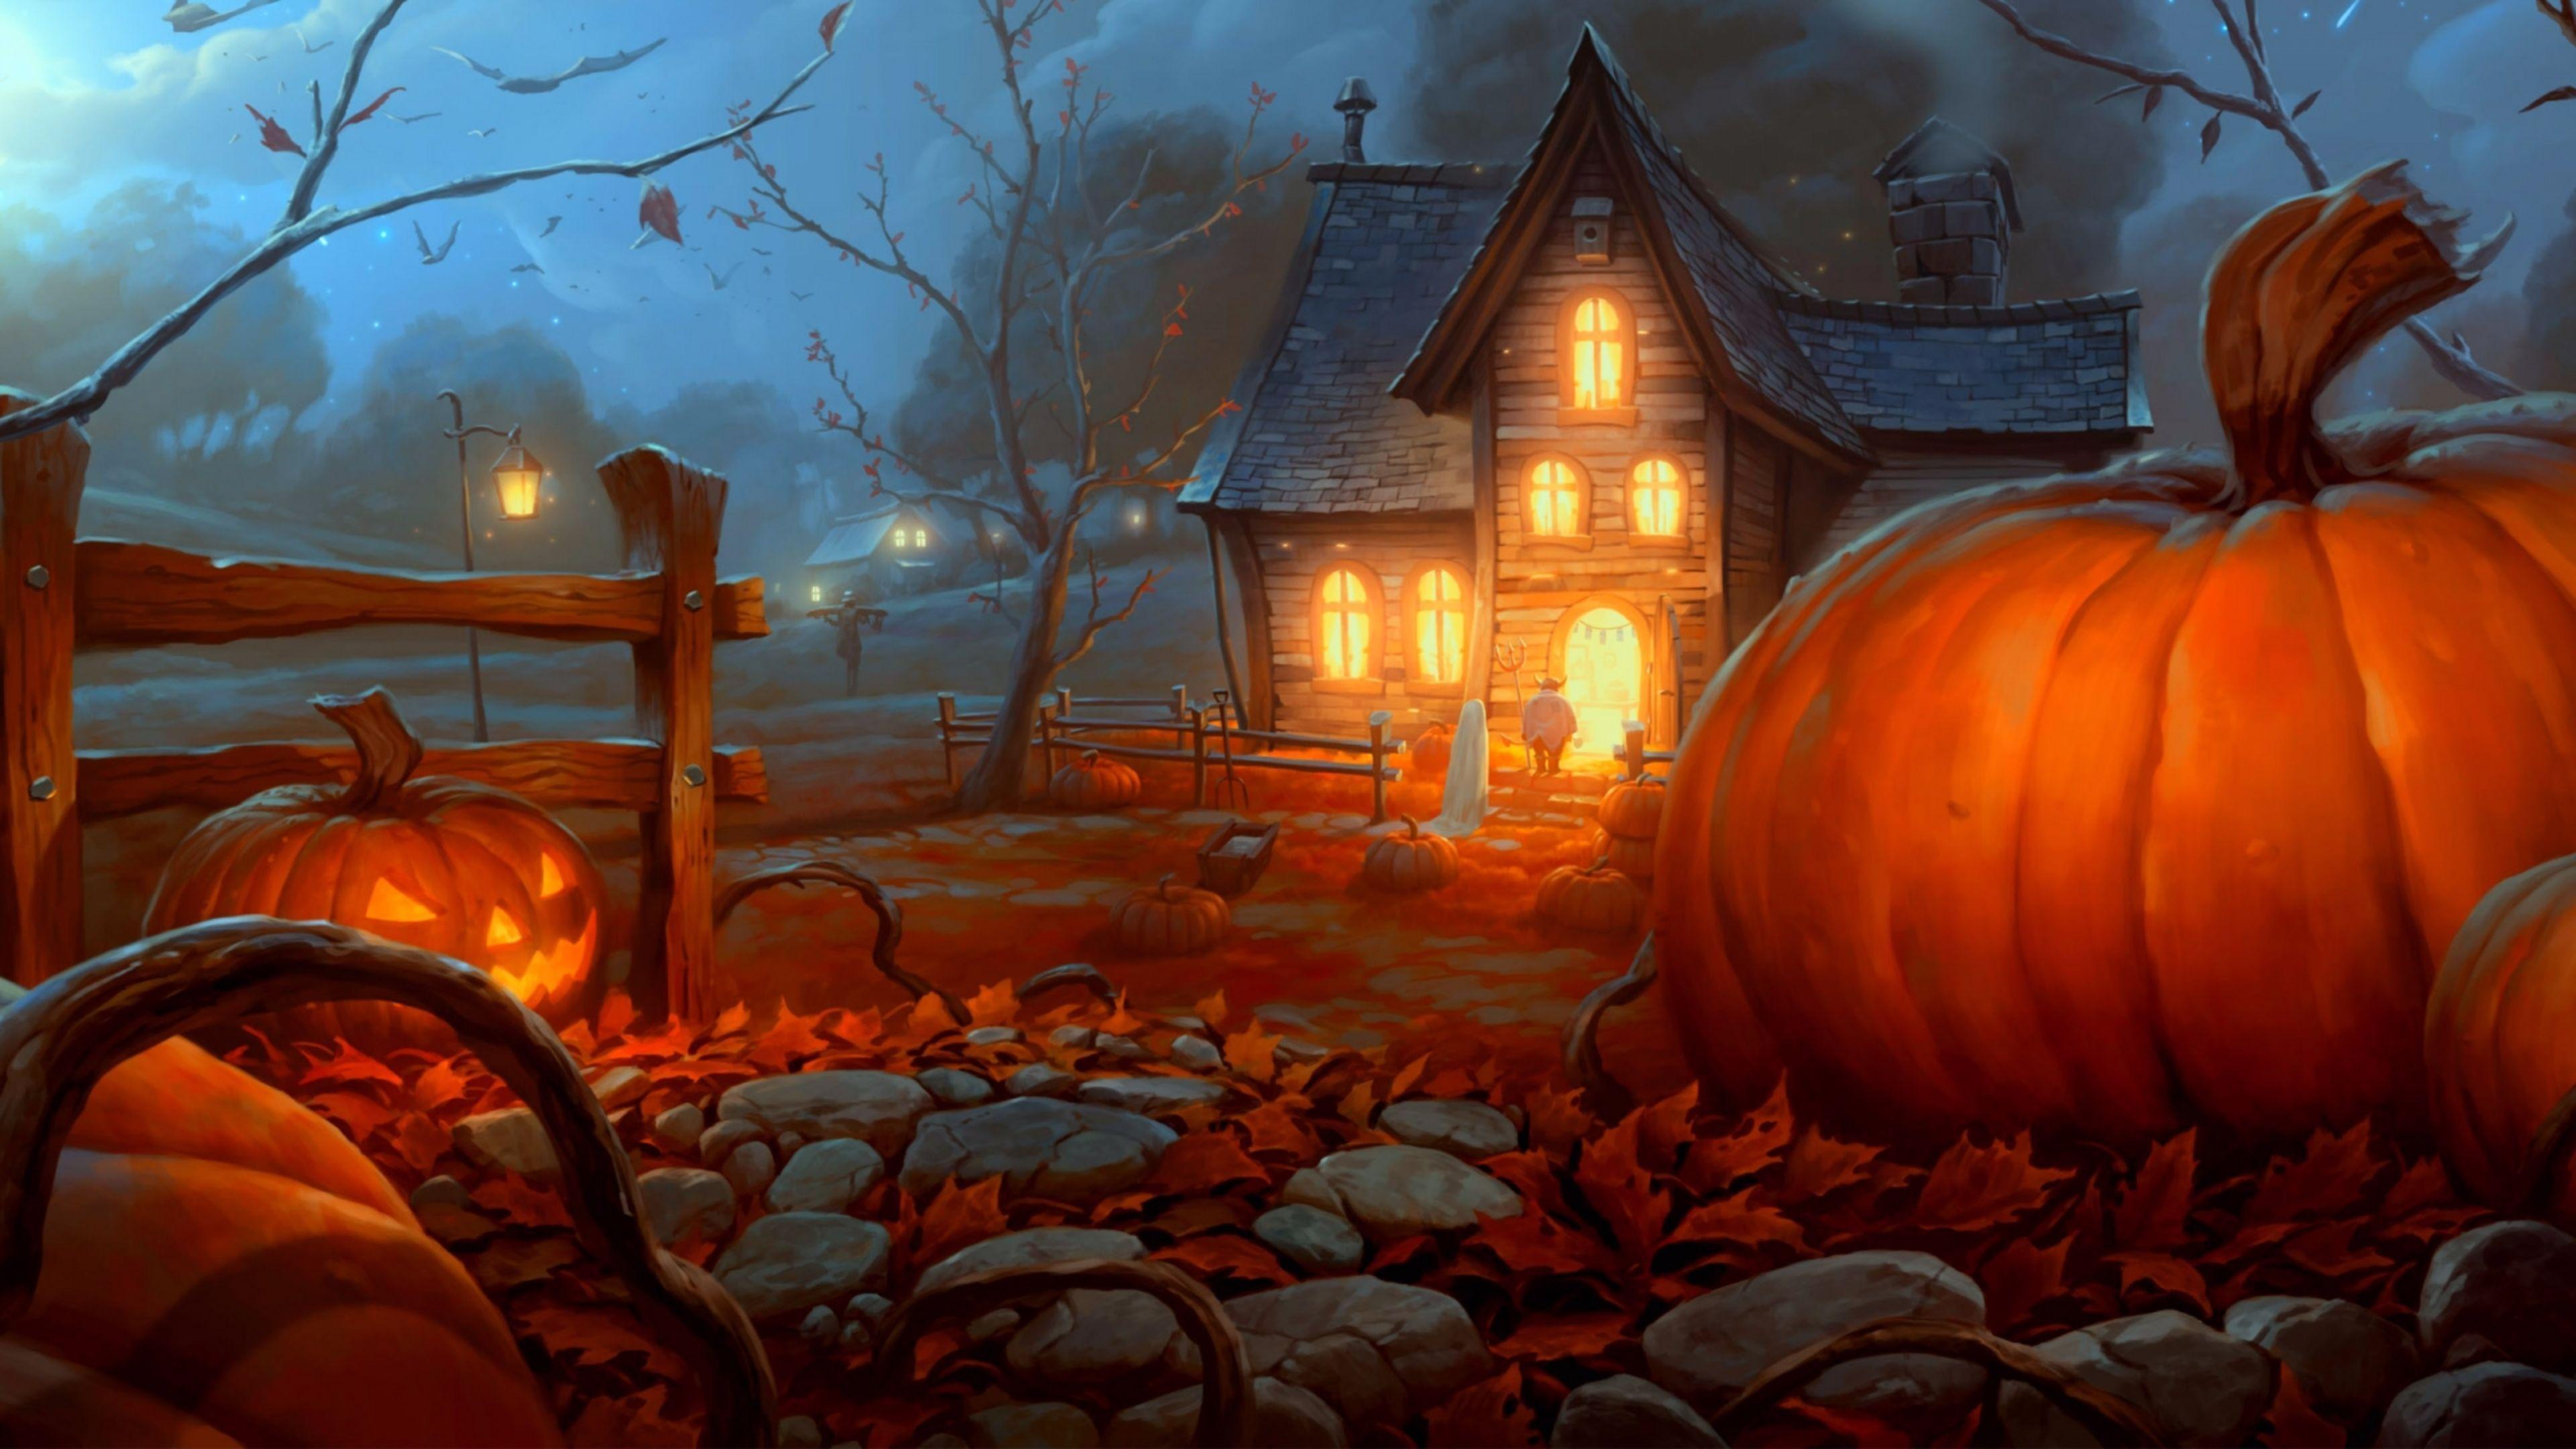 4k Halloween Wallpapers Top Free 4k Halloween Backgrounds